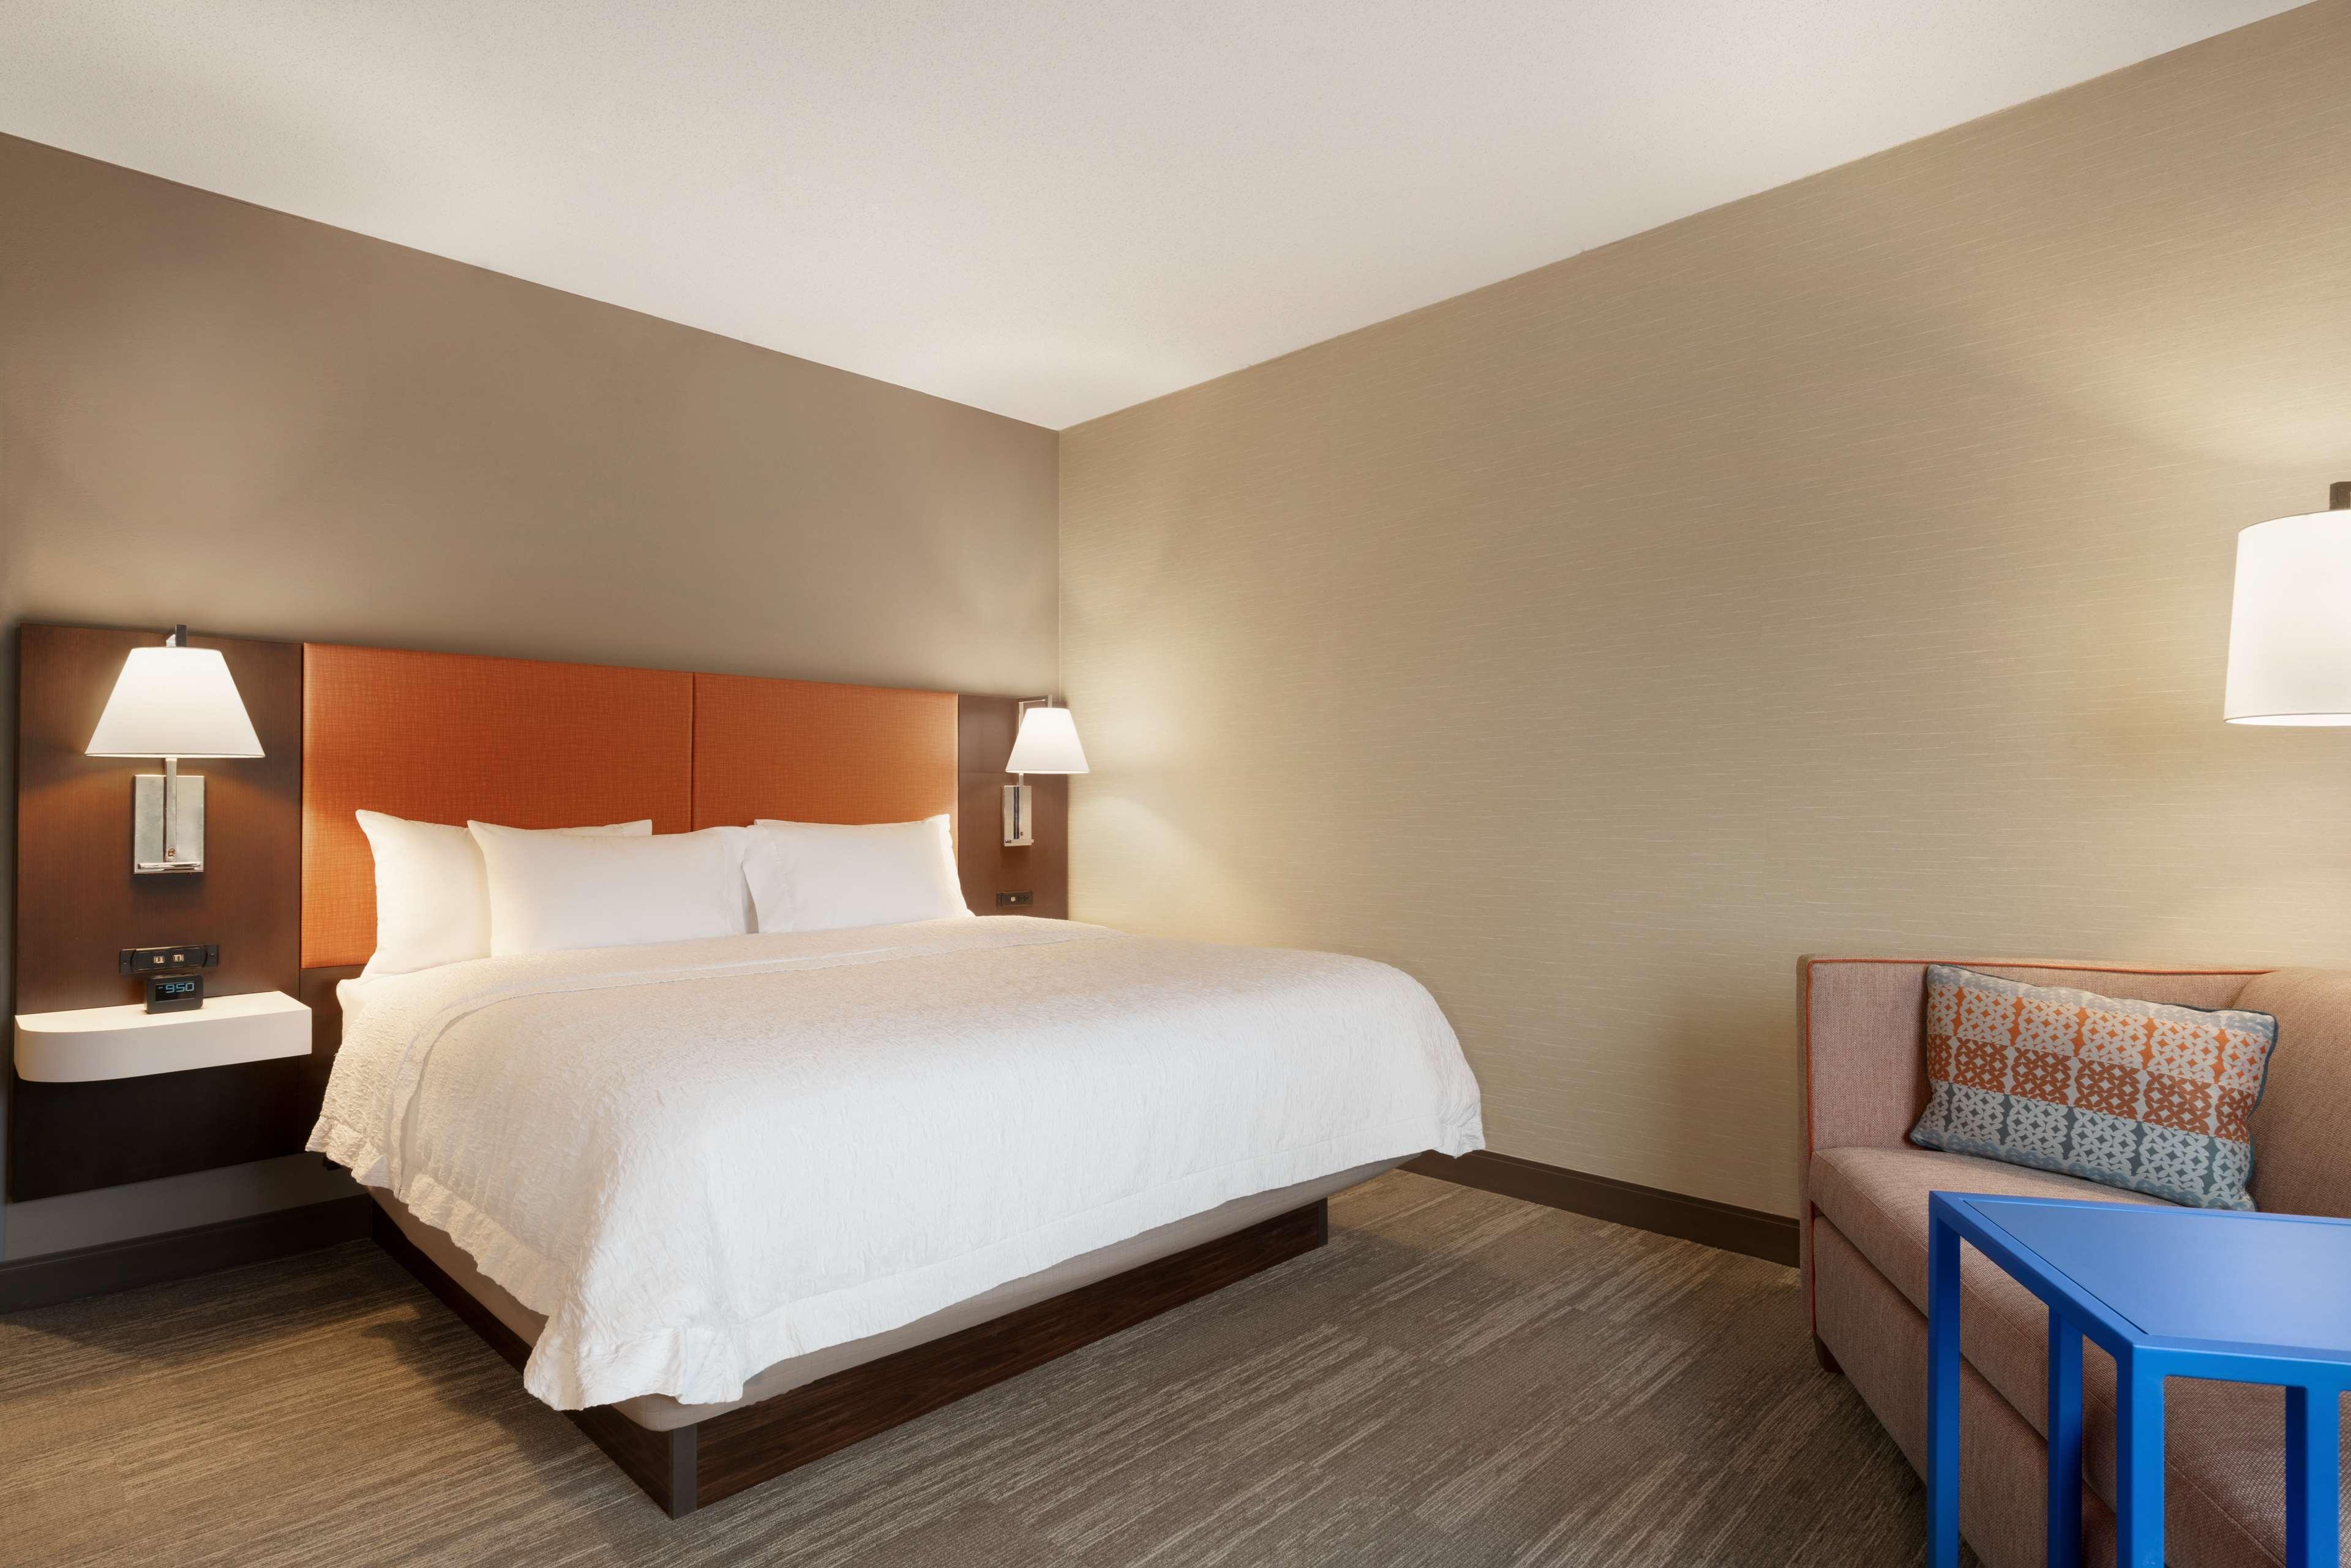 Hampton Inn & Suites Ephrata - Mountain Springs image 11